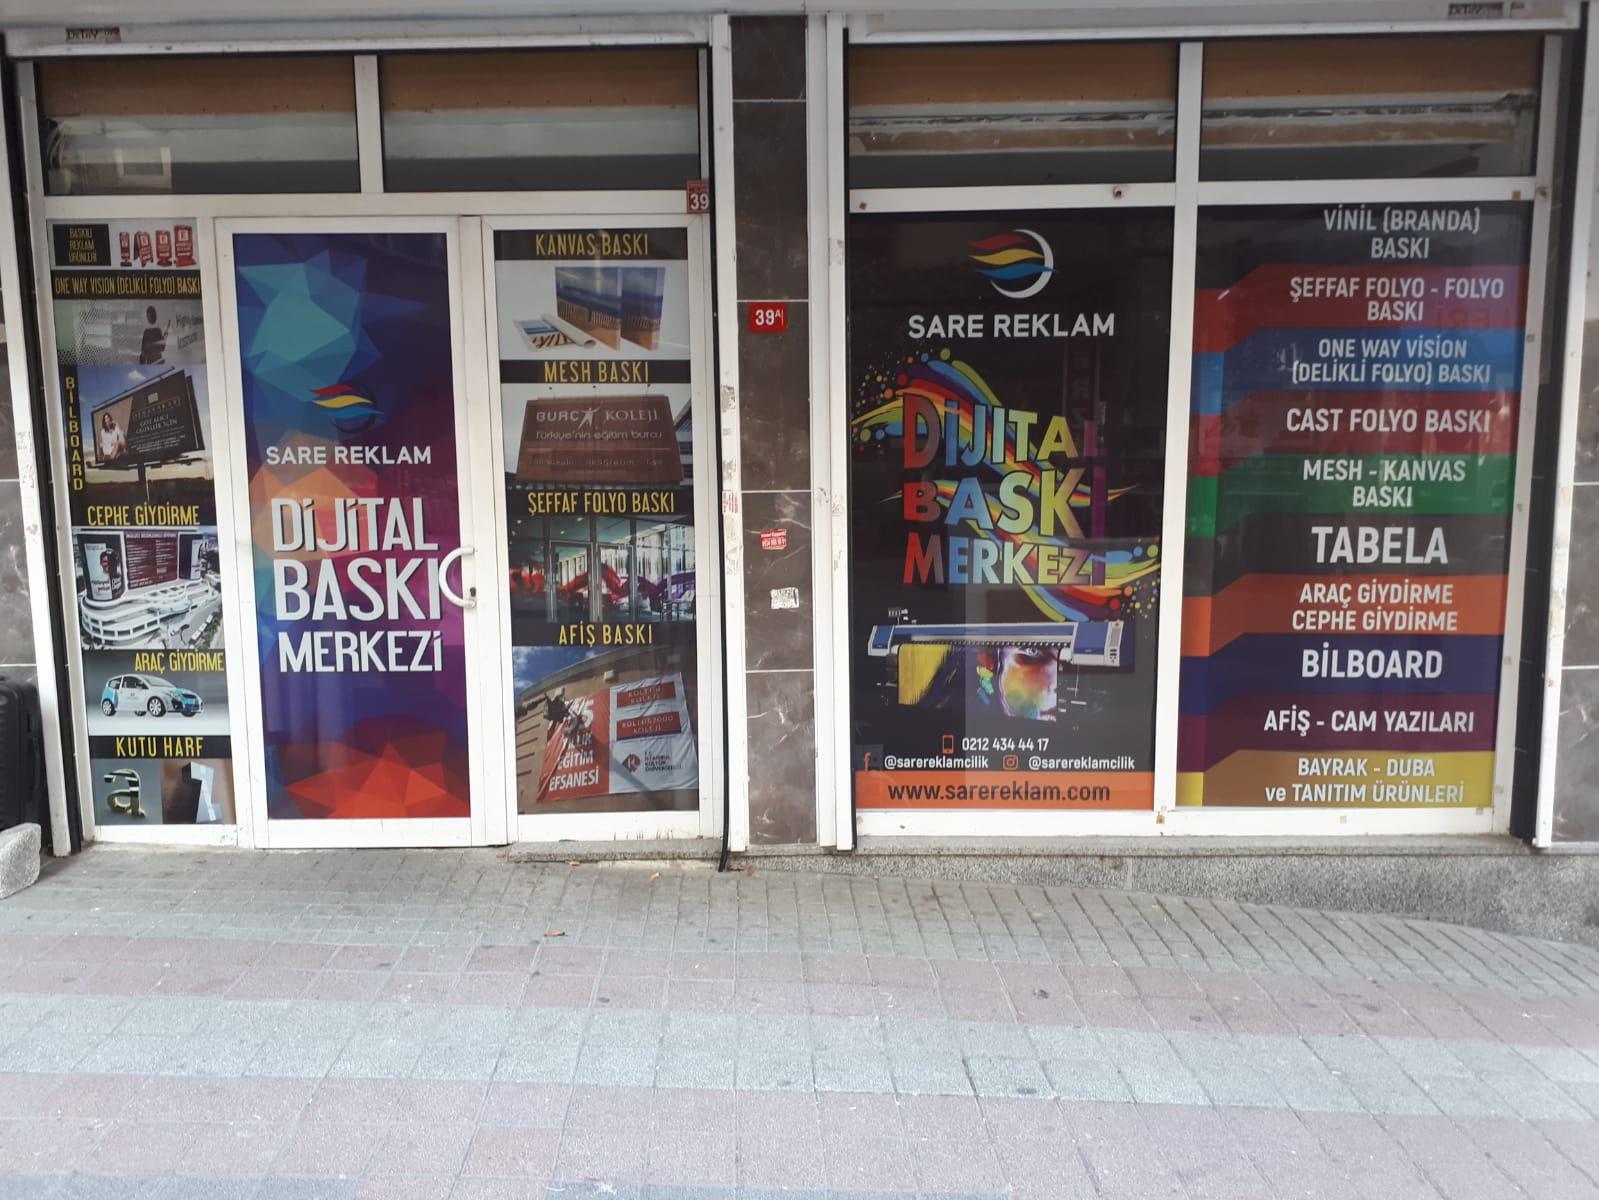 Sare Reklam Dijital Baskı Merkezi & Açık Hava Reklamcılığı